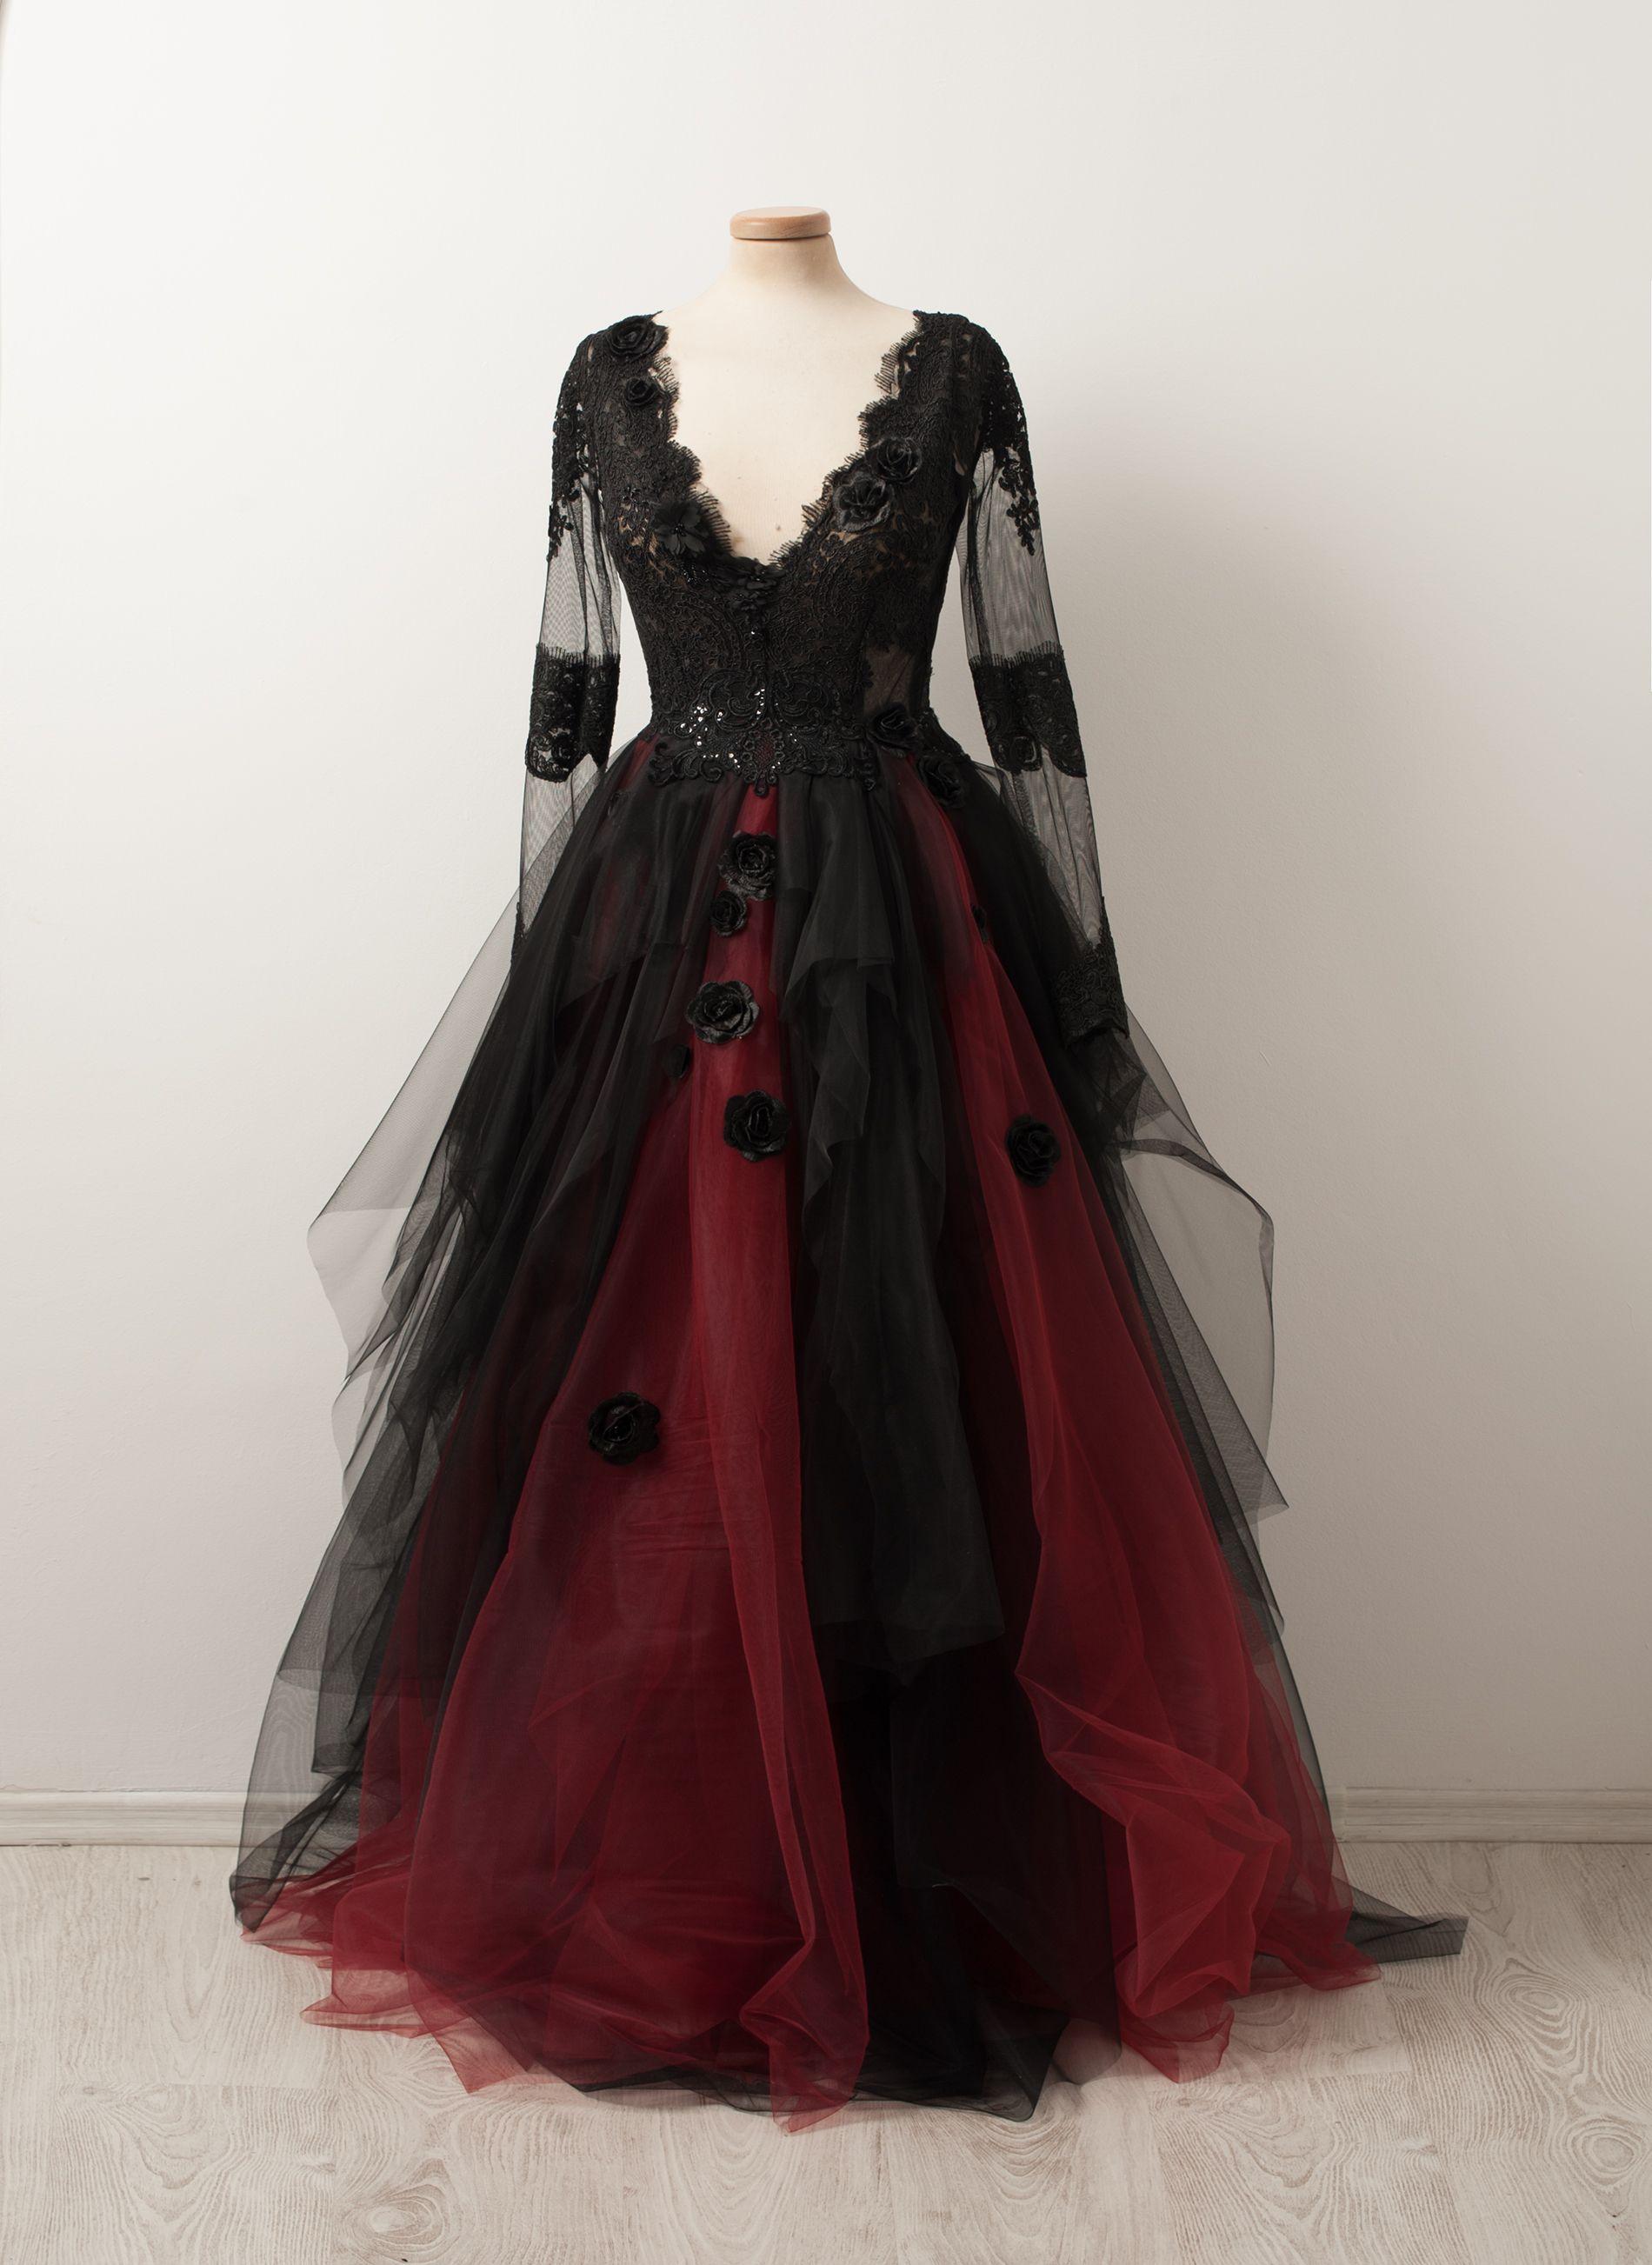 Goth Fondant  Ballkleider lange ärmel, Gotik hochzeitskleider